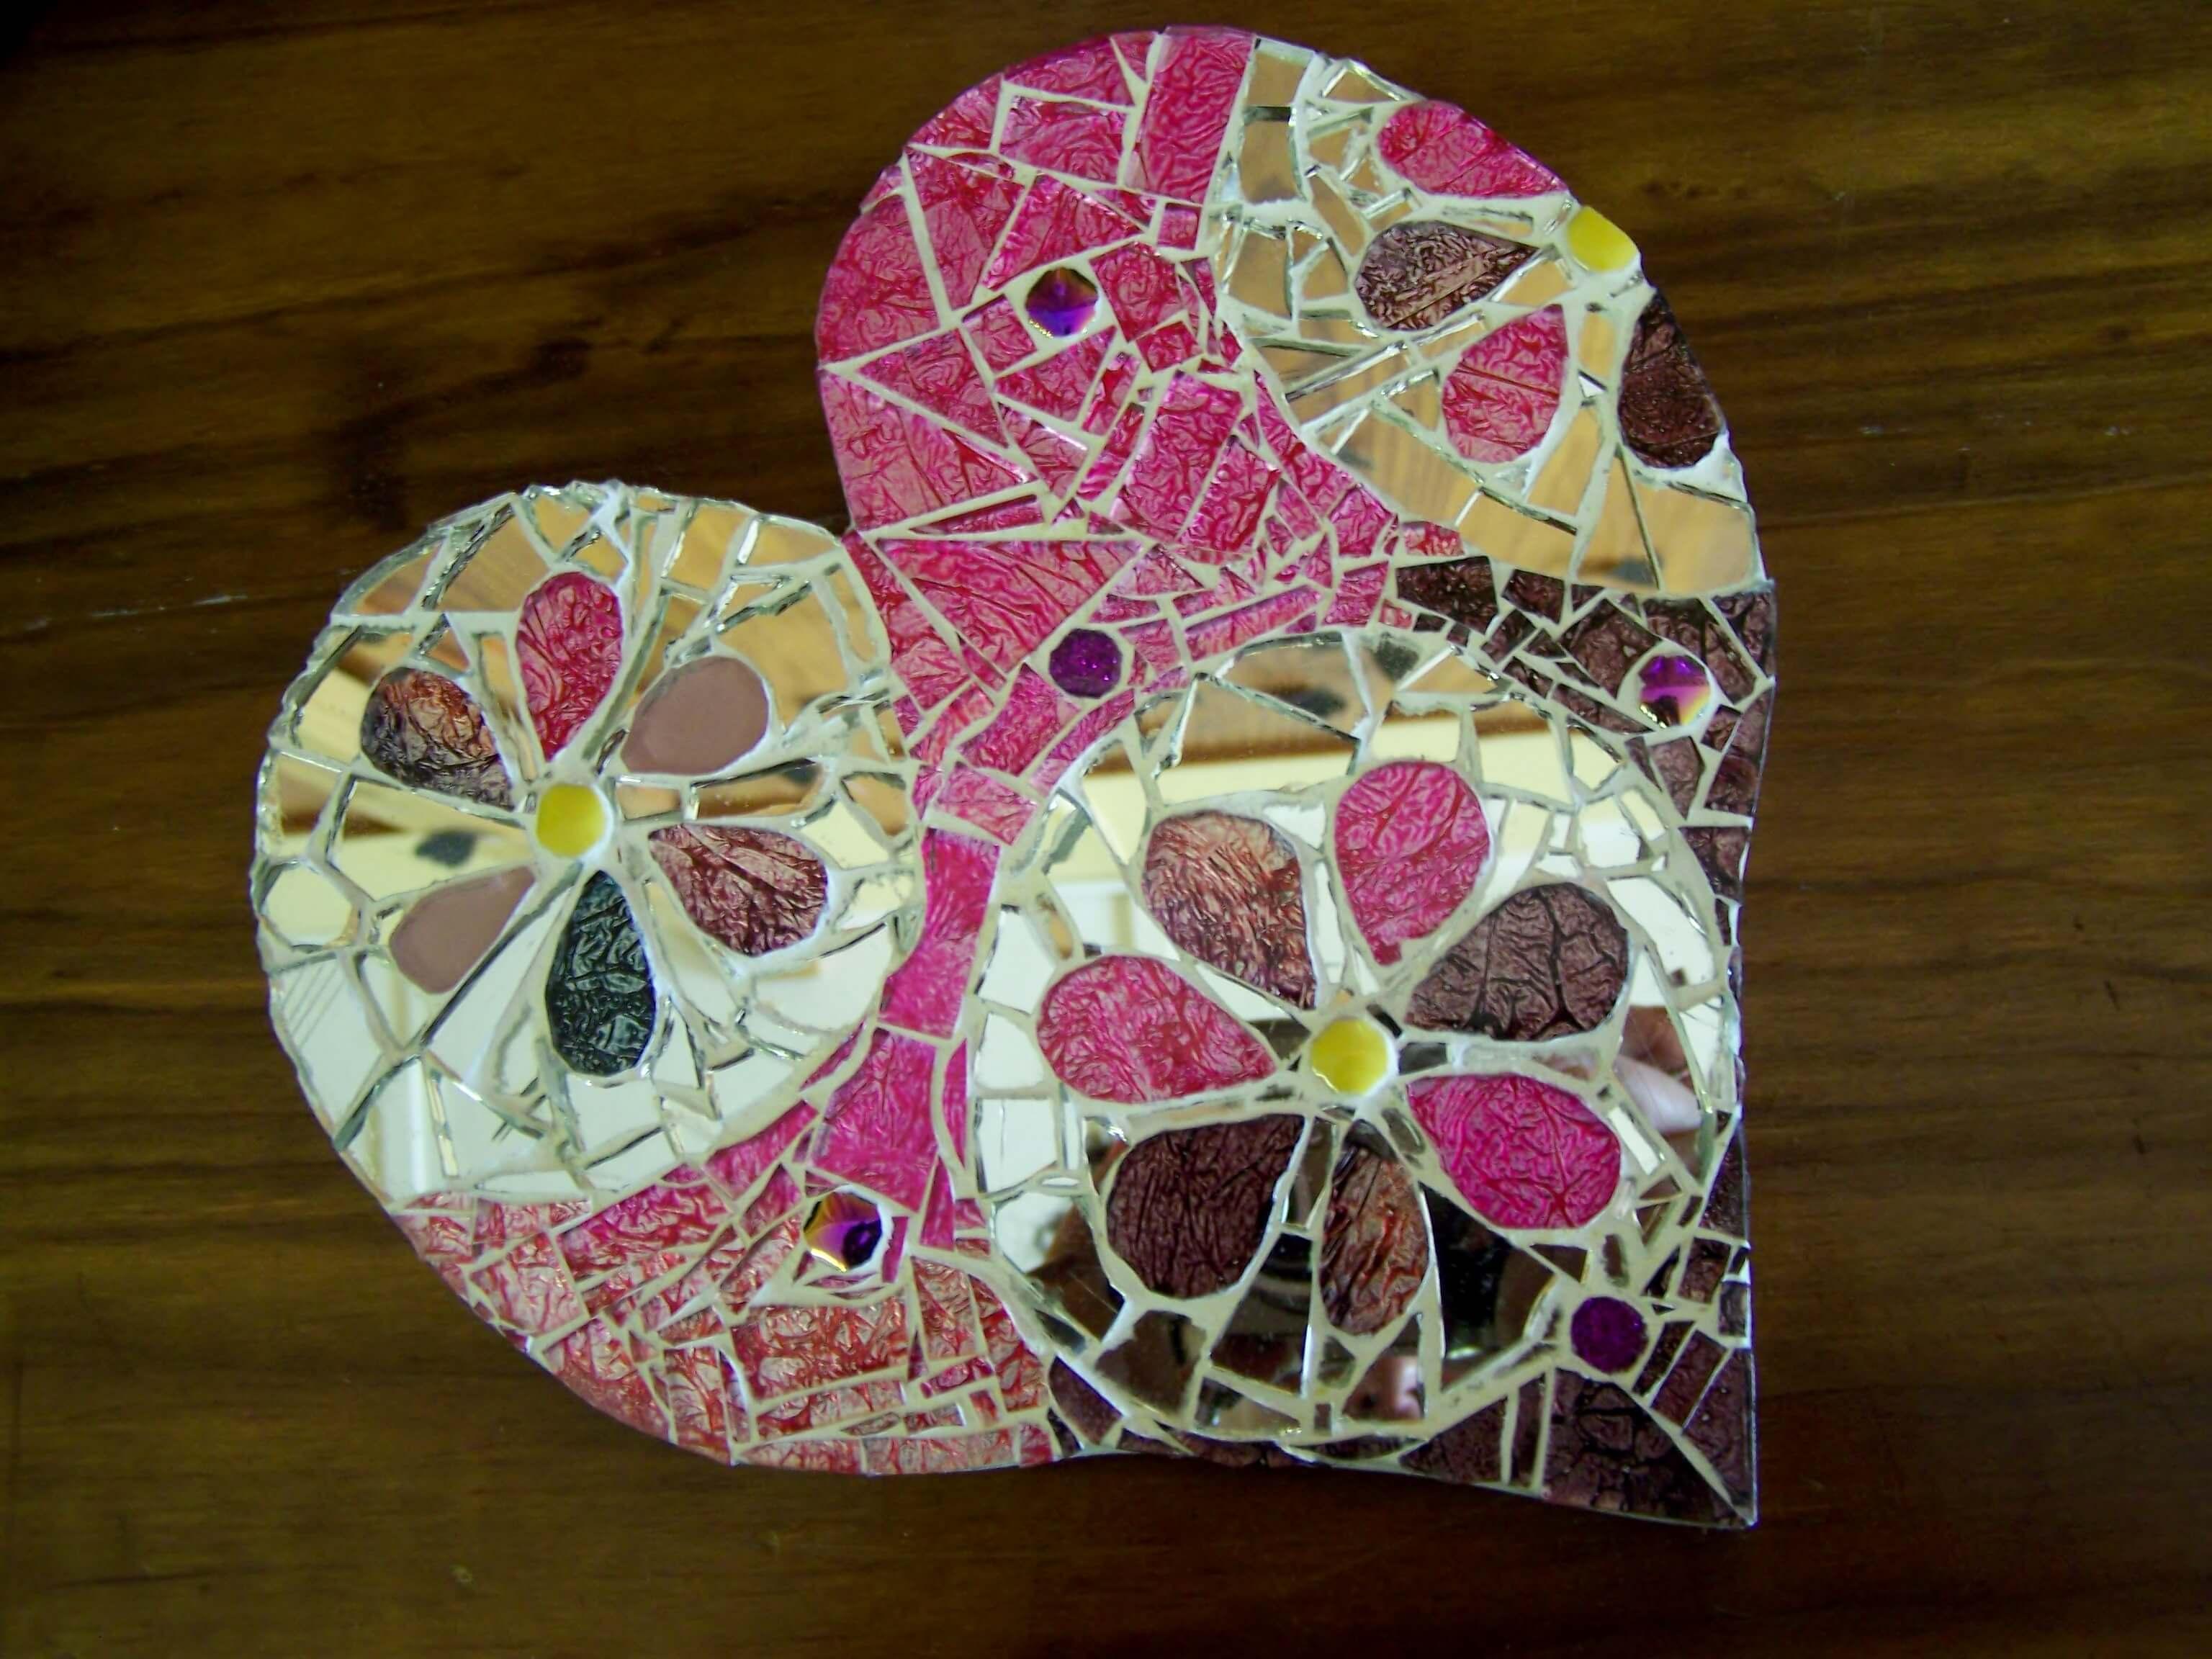 Mosaic'd Heart 2 18cm R145